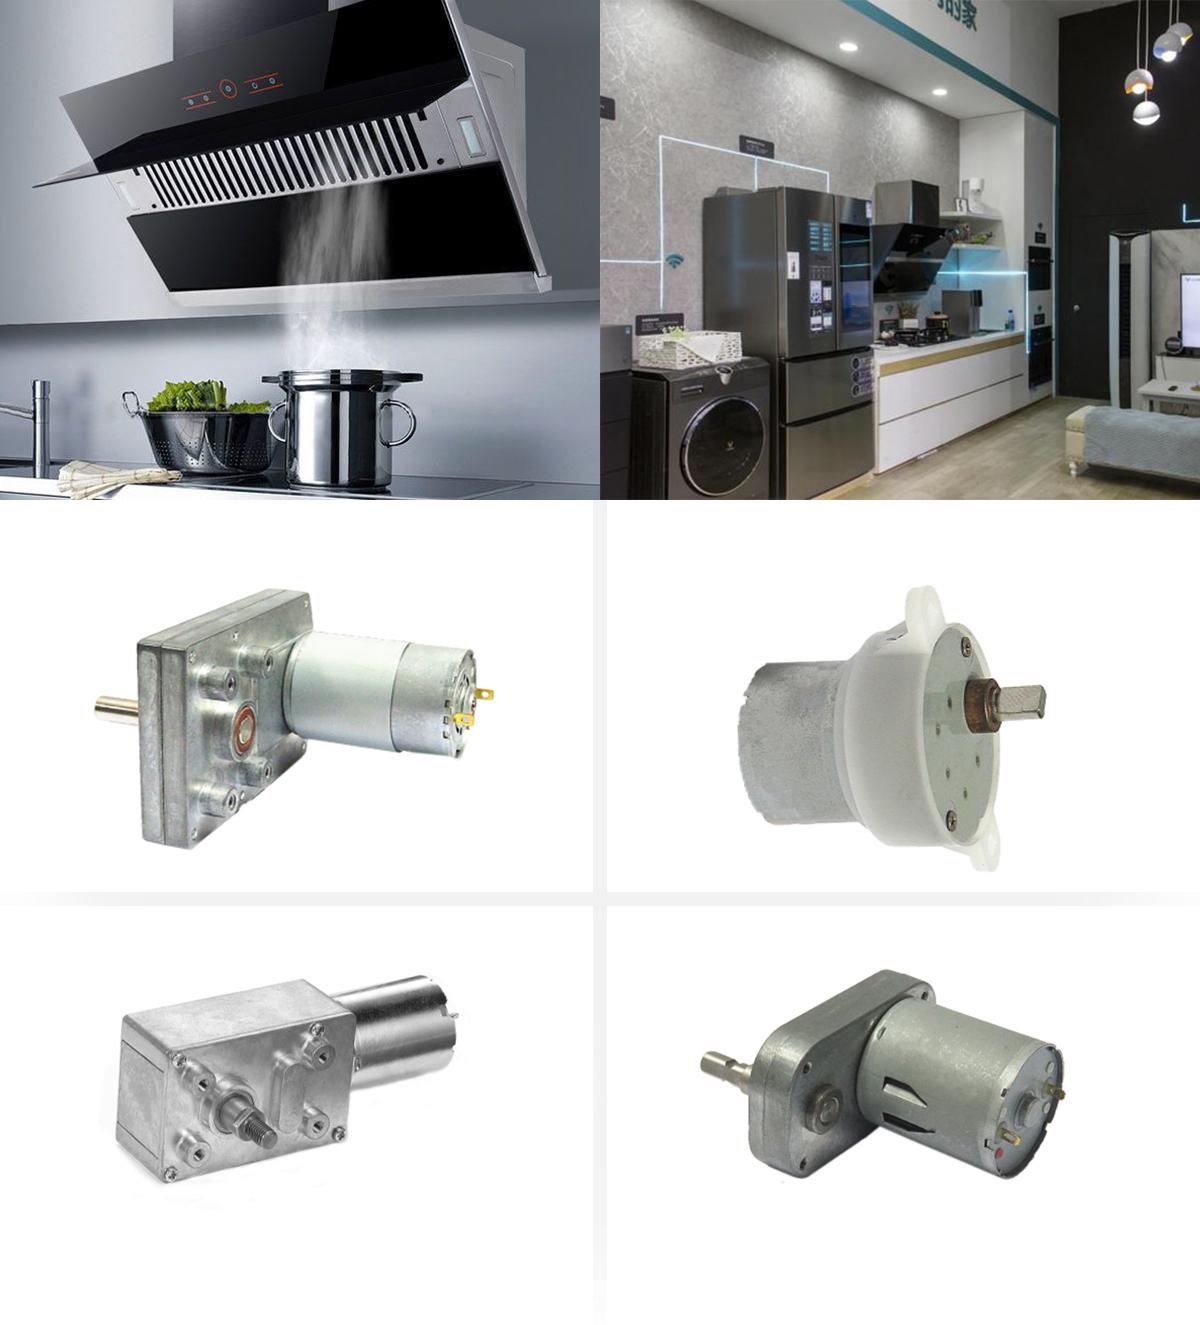 厨房电器应用